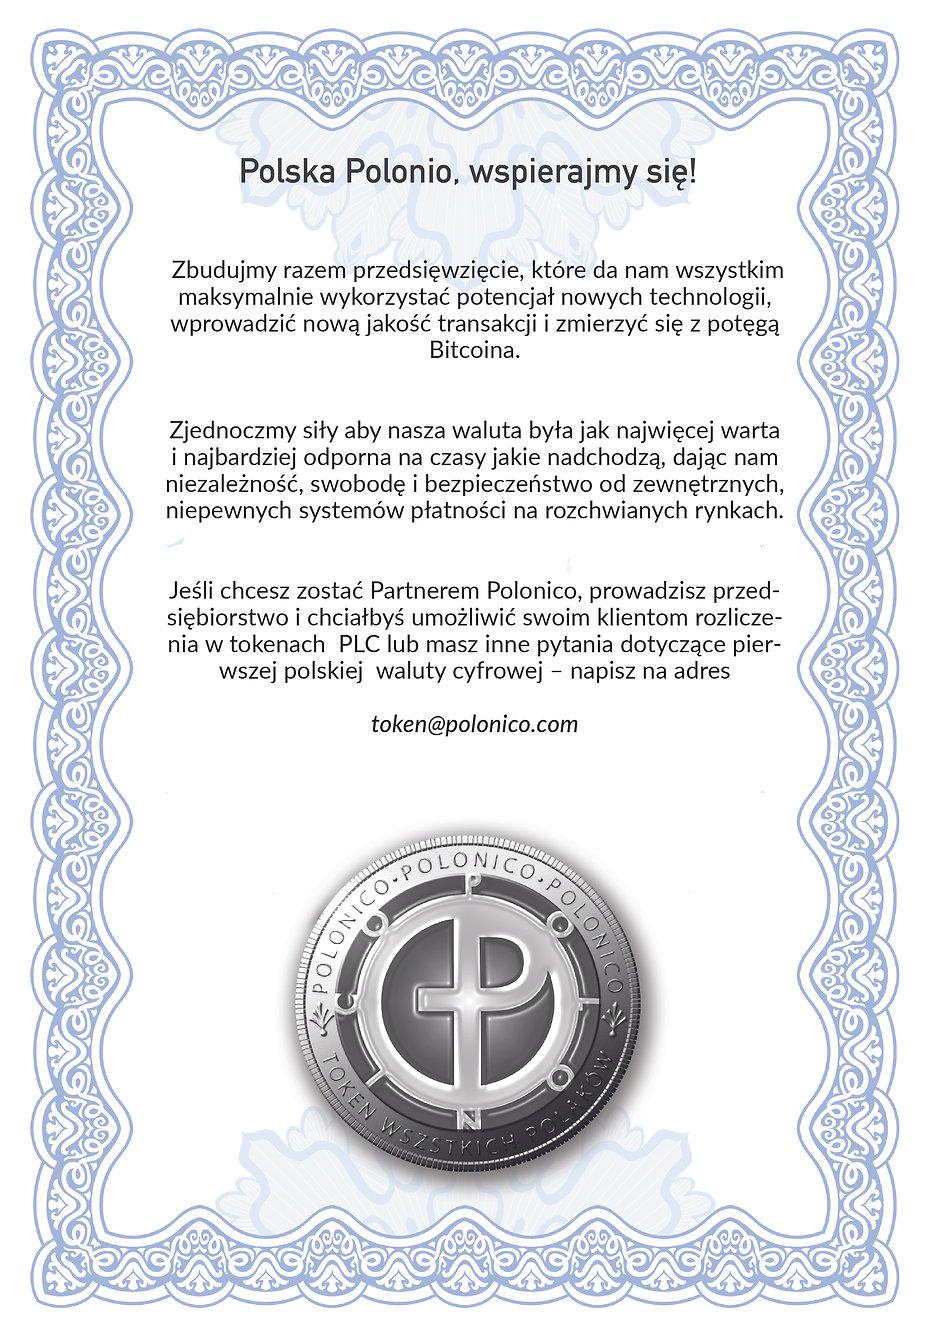 Prospekt Emisyjny Tokenu Polonico-02.jpg